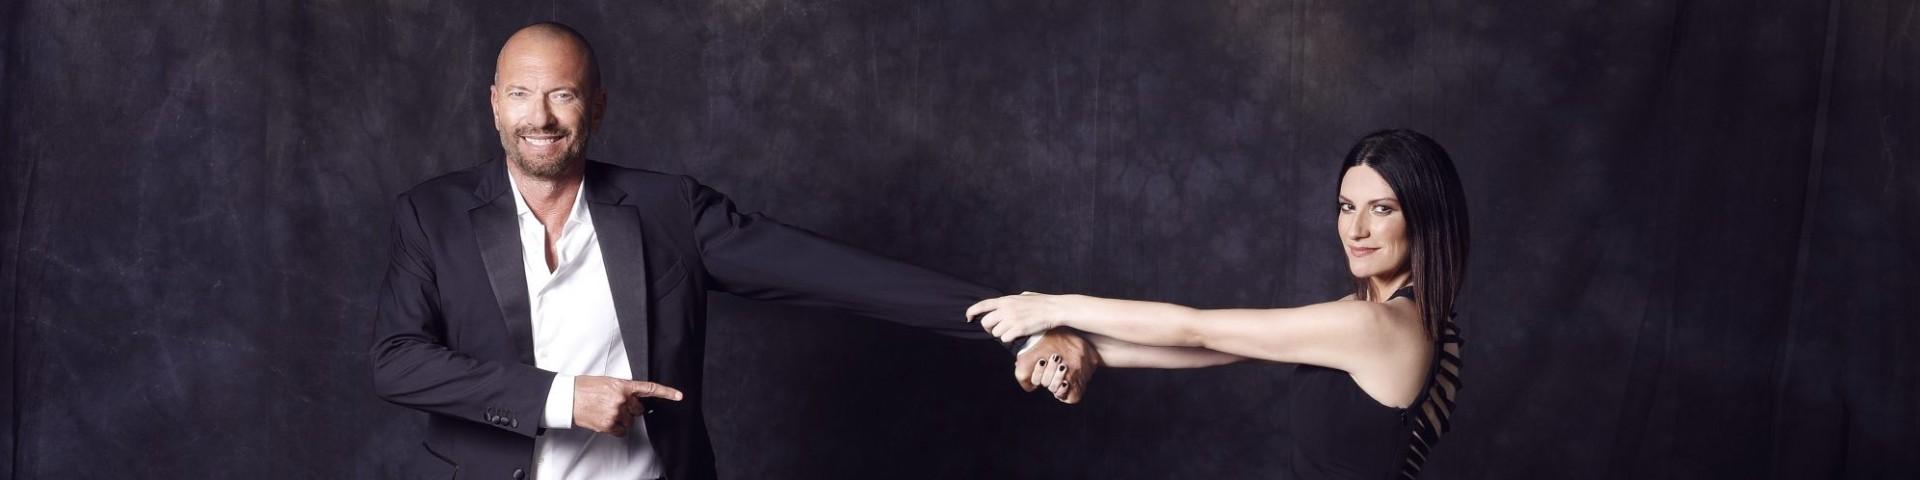 Laura Pausini Biagio Antonacci in concerto a Messina – 27 luglio: biglietti, scaletta, come arrivare